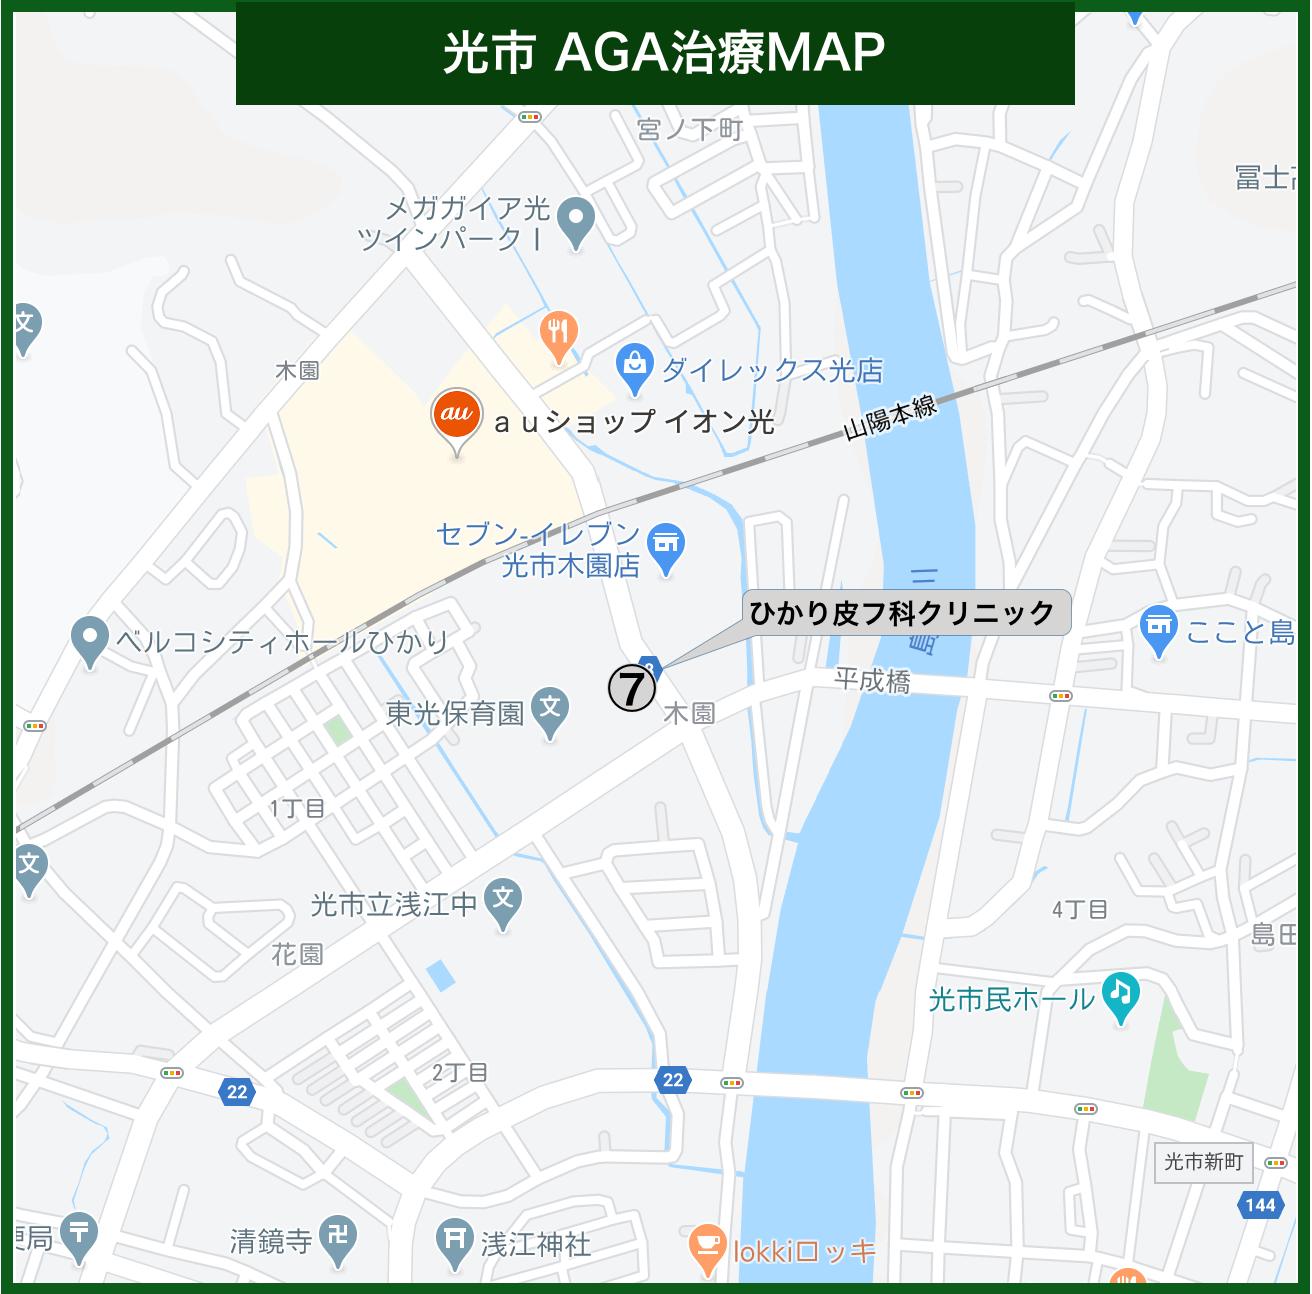 光市 AGA治療MAP